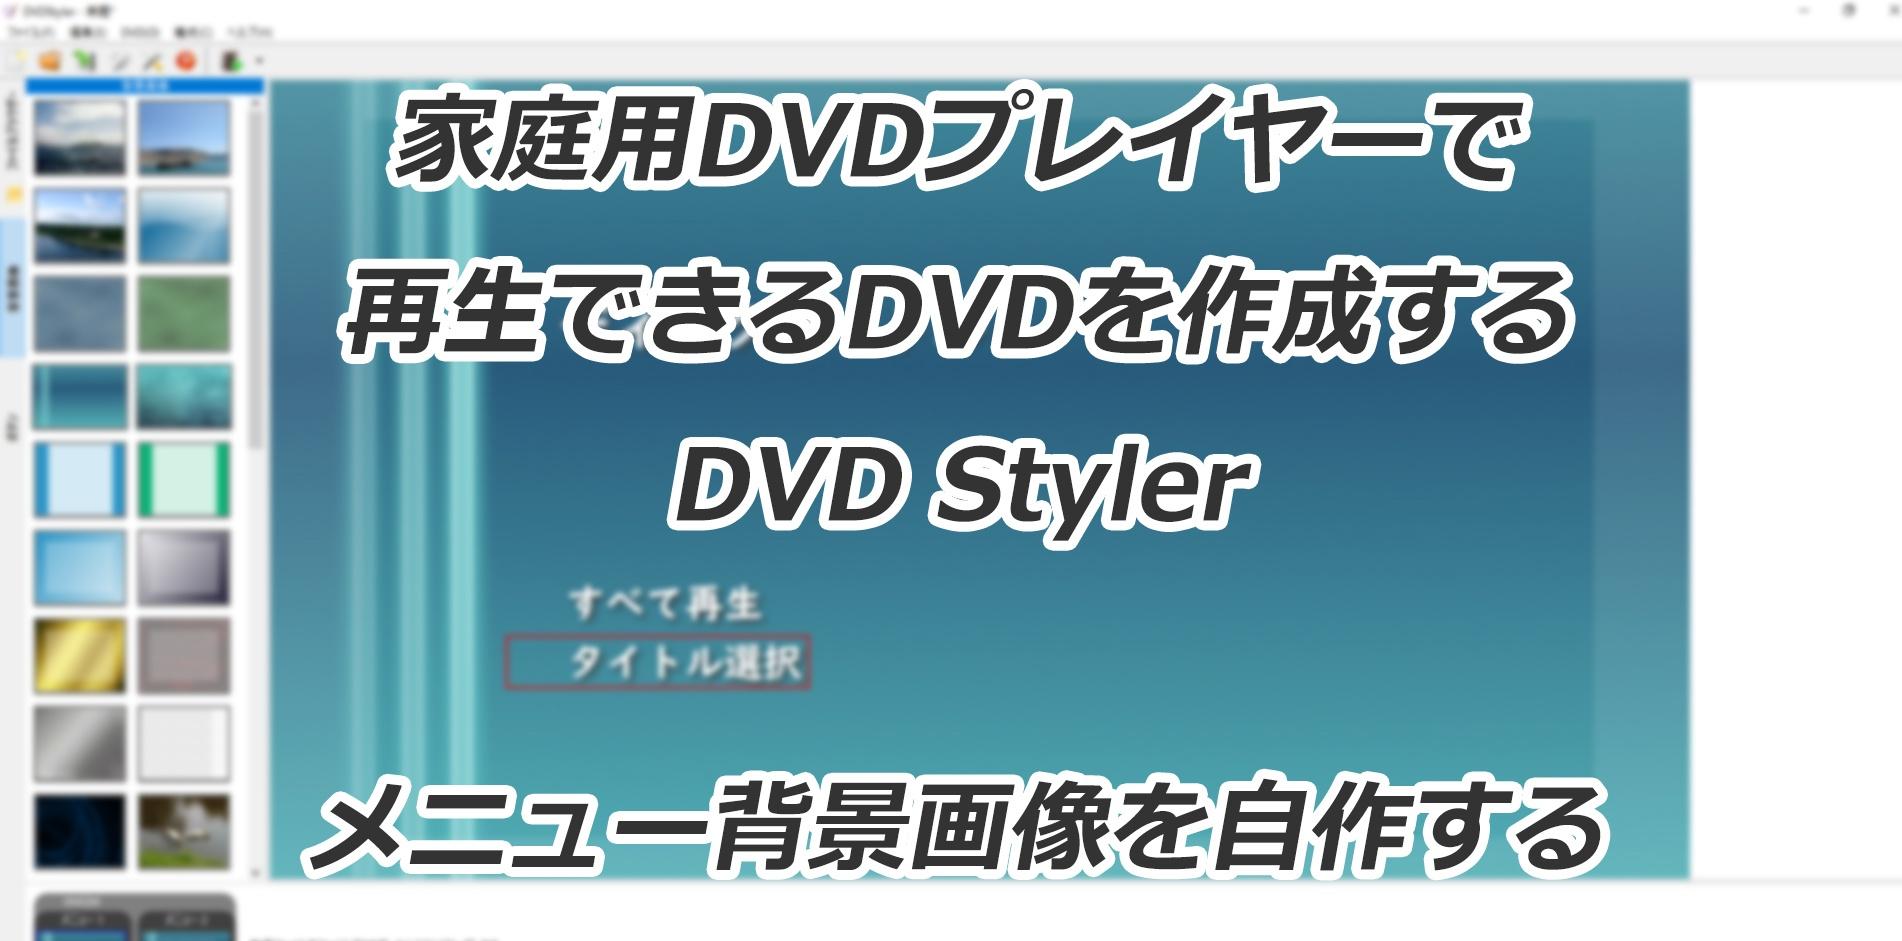 DVD Stylerメニュー用背景画像を自作する